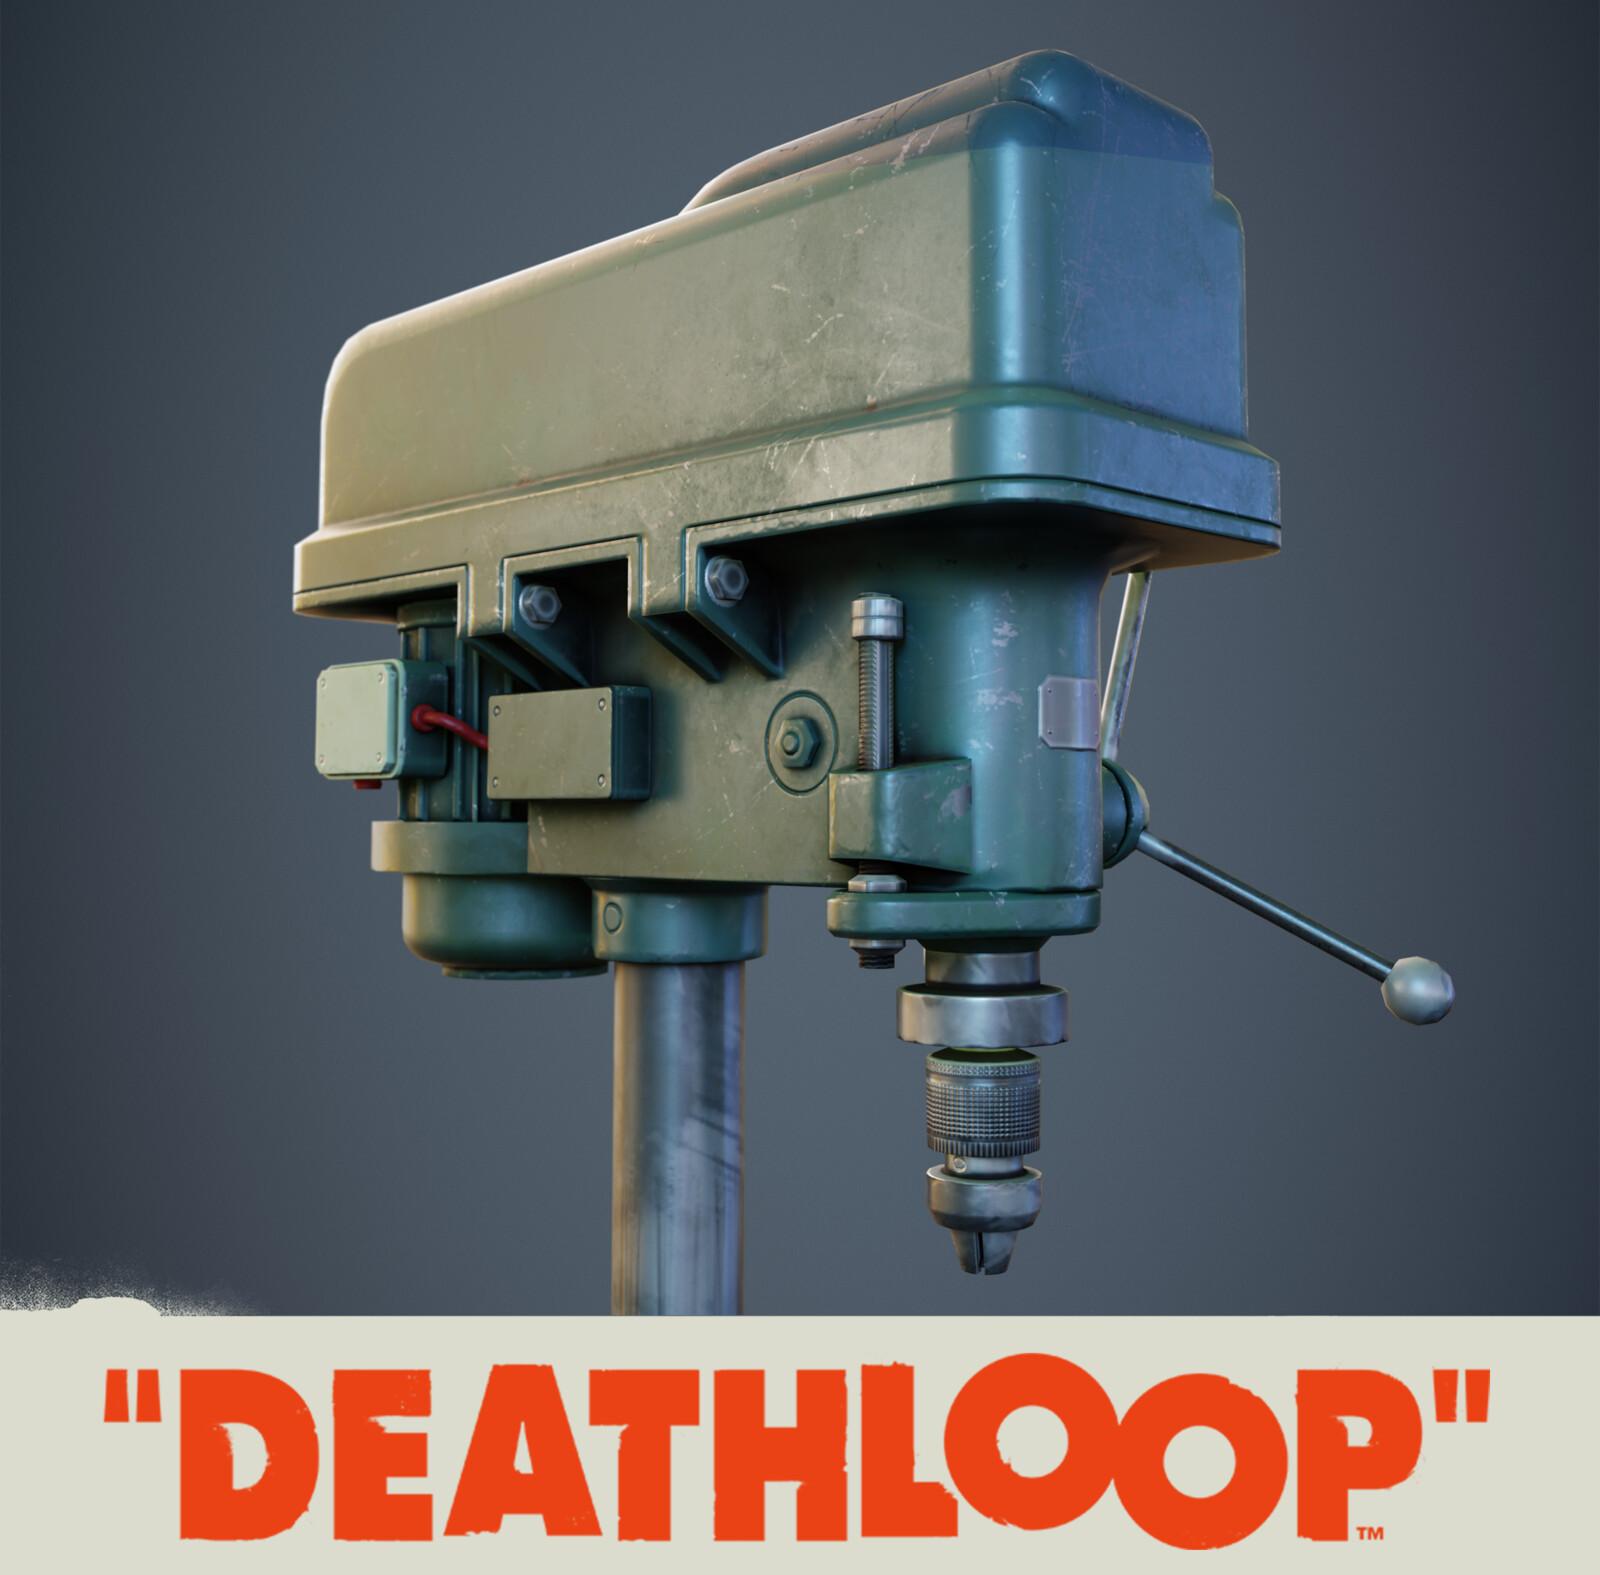 Drill: Deathloop Prop